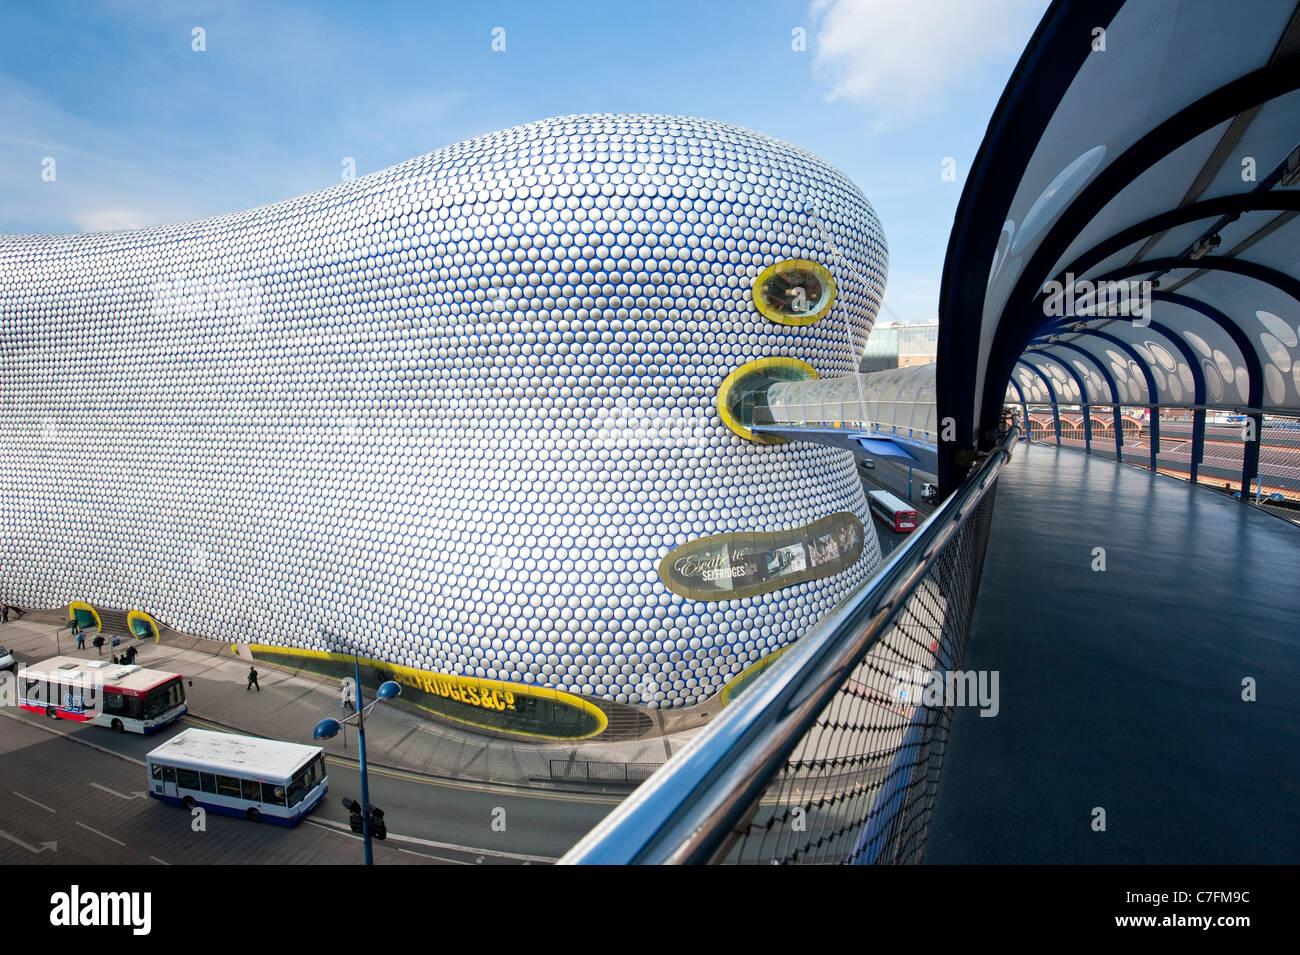 Puente de Selfridges en el centro comercial Bull Ring, Birmingham, Reino Unido Imagen De Stock